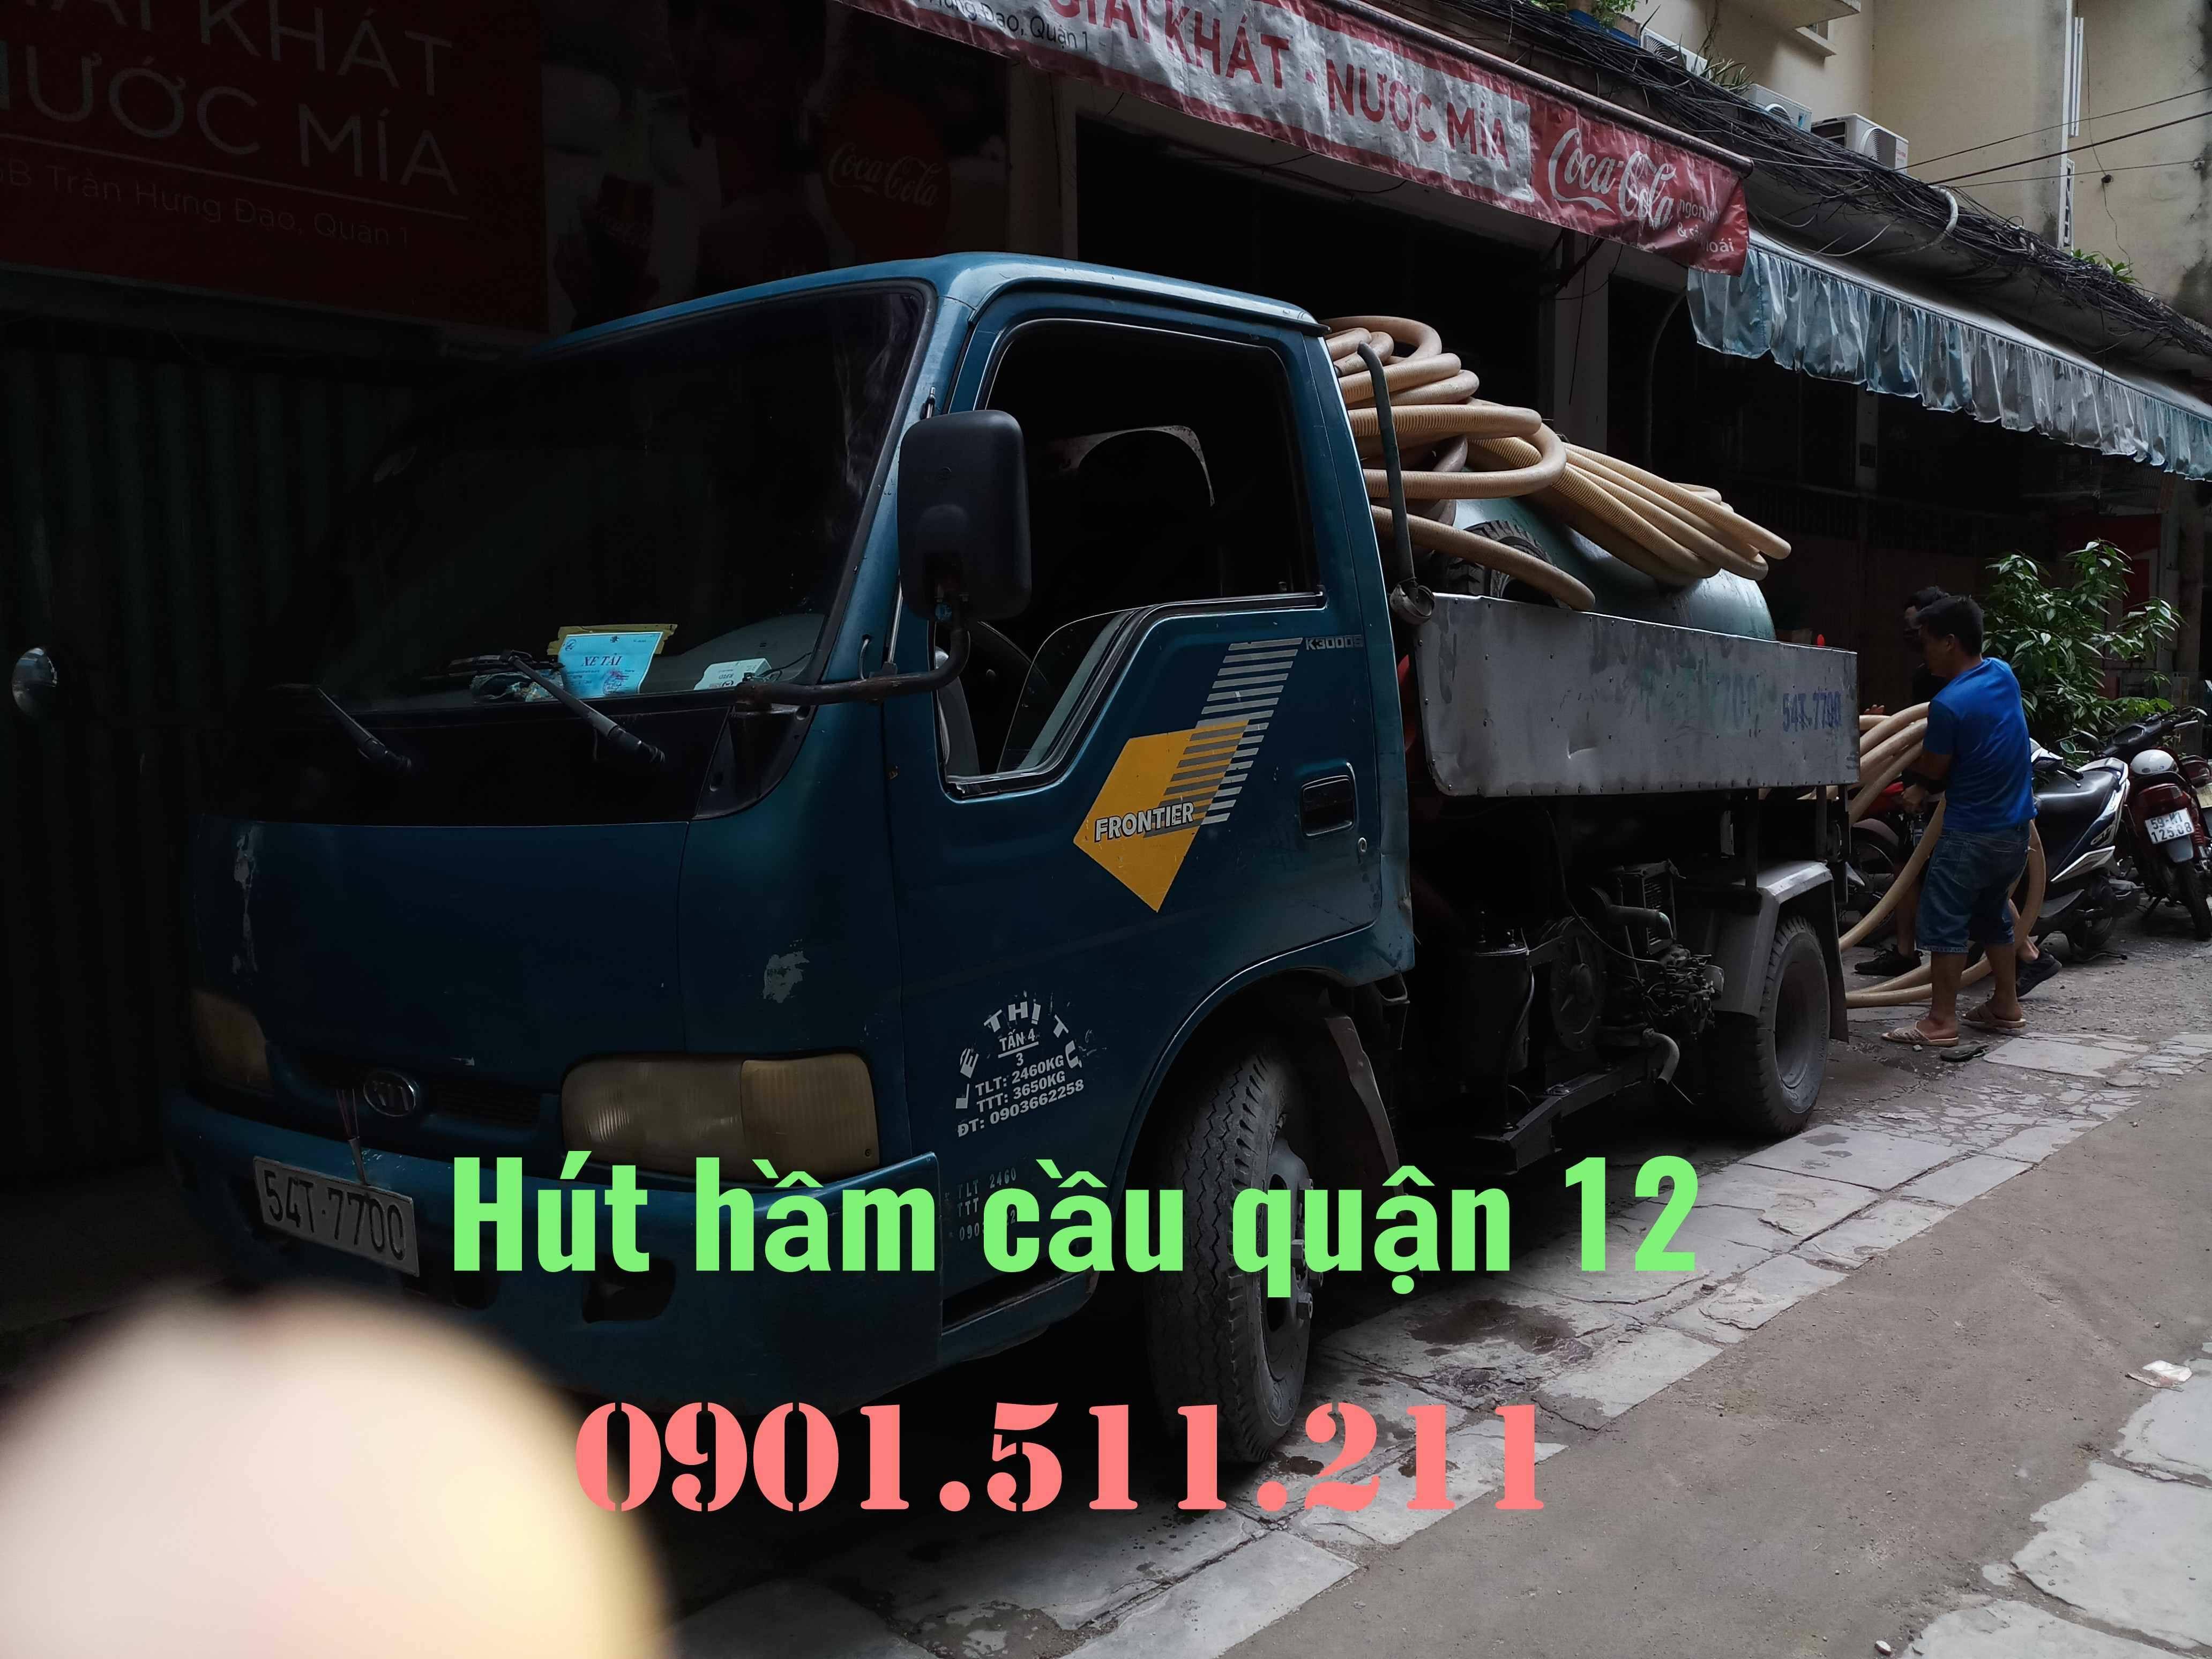 hut-ham-cau-quan-12